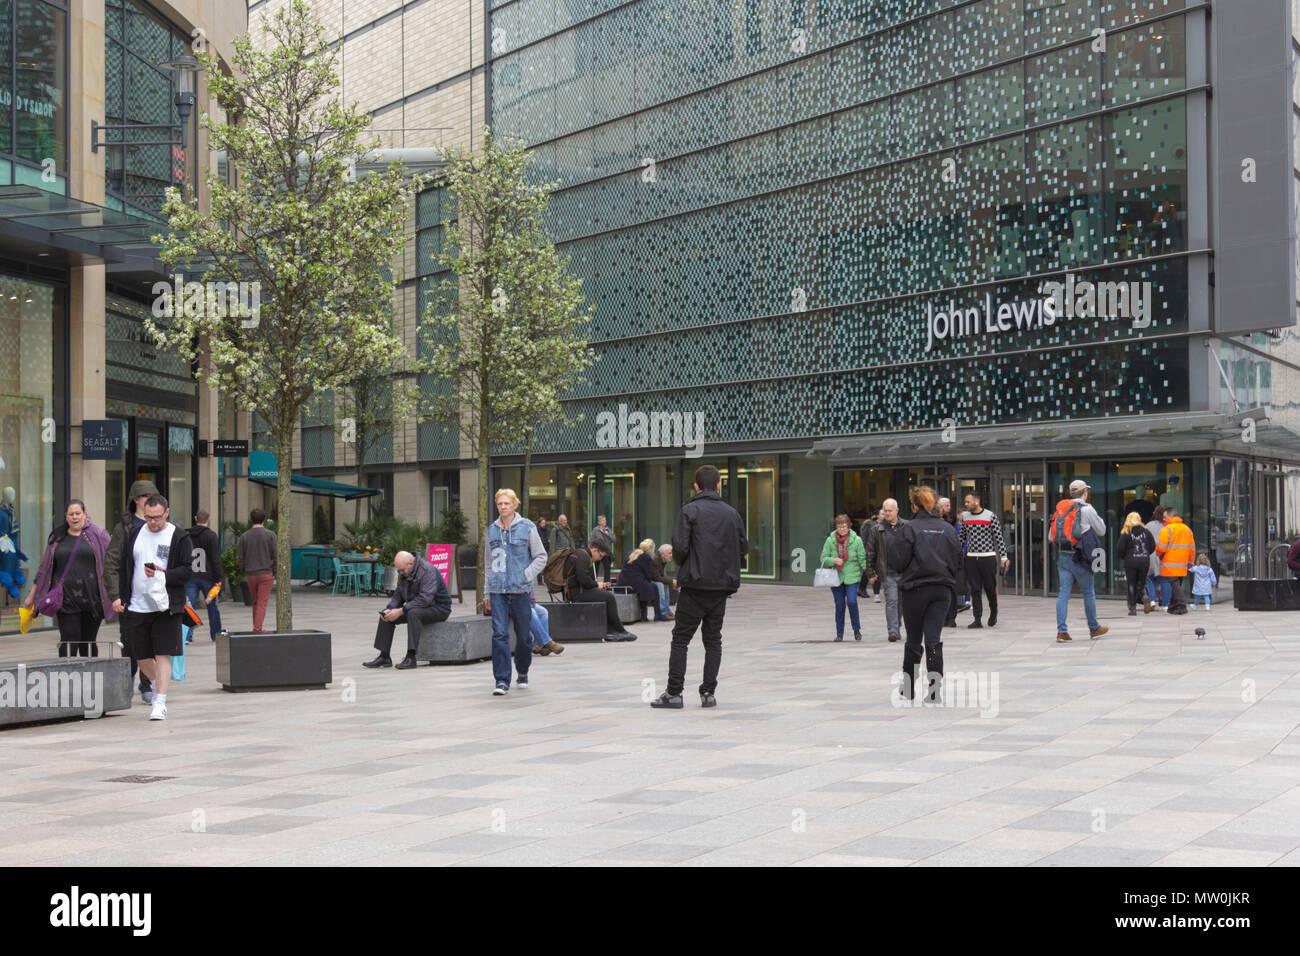 John Lewis, Cardiff, UK, 2018, Shopping. - Stock Image